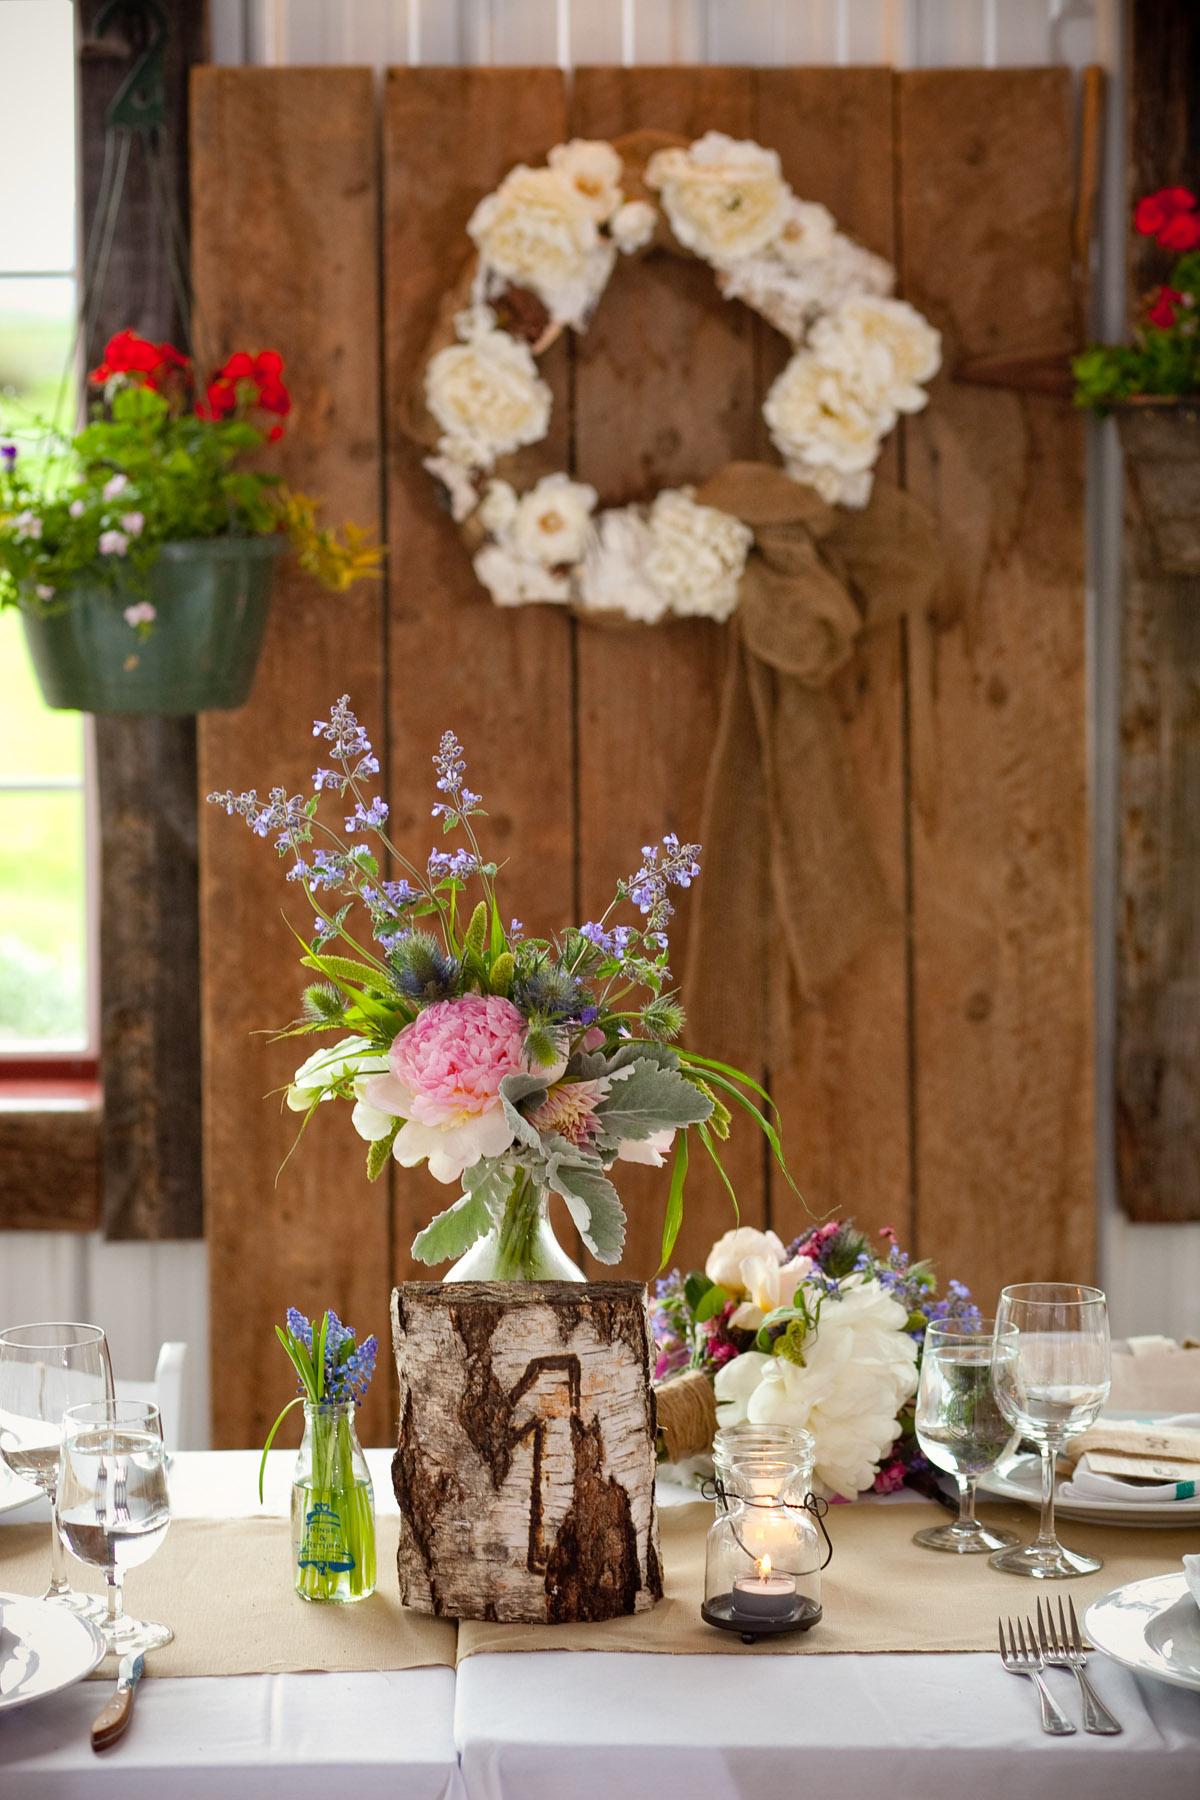 Rustic Wedding Reception Centerpieces With DIY Table